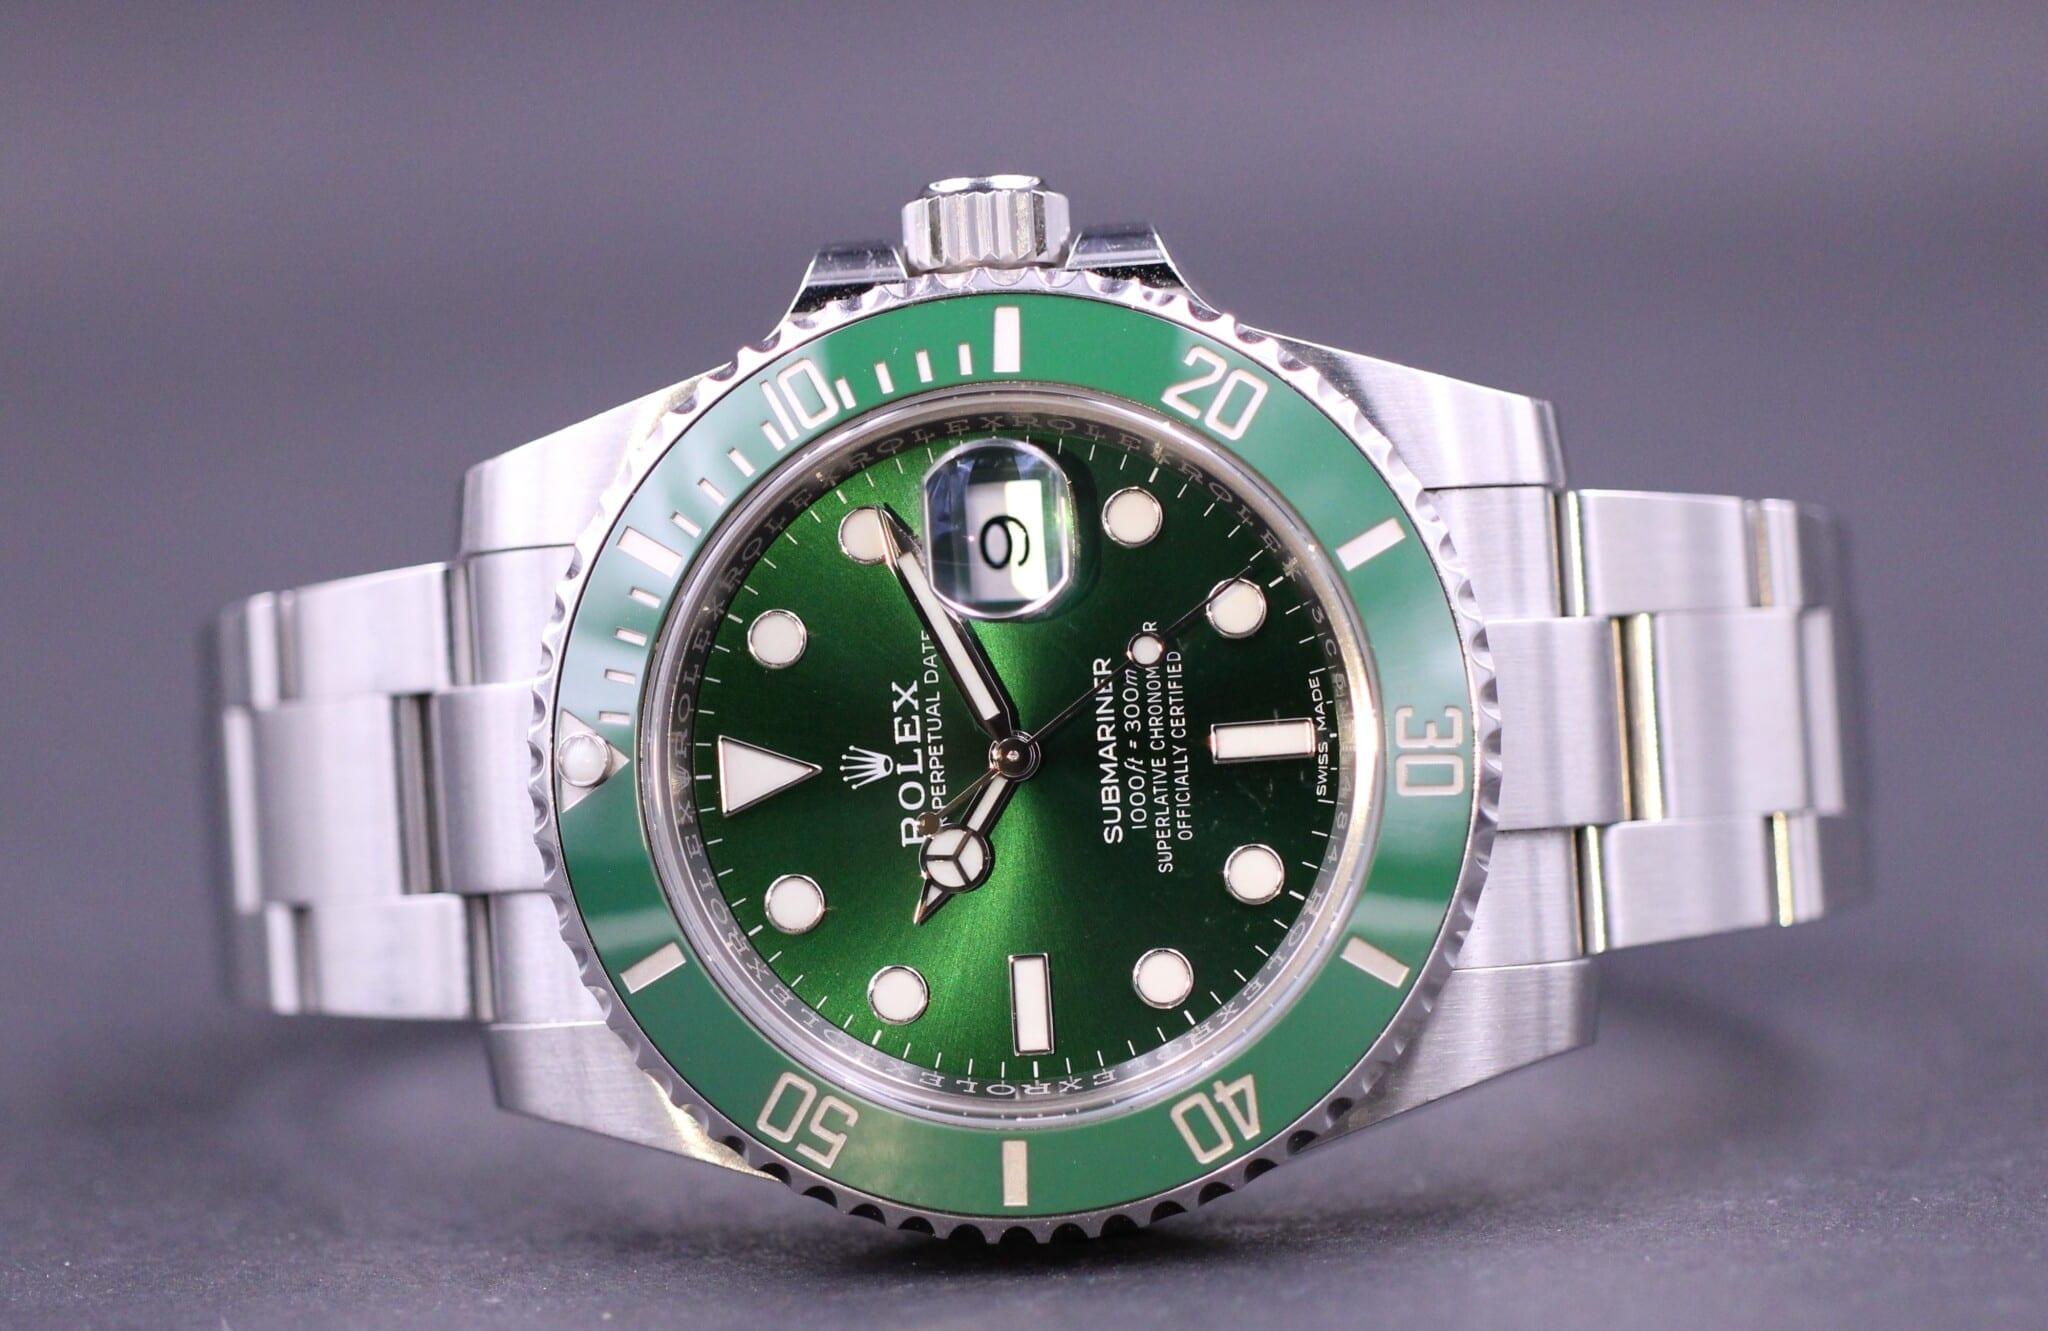 Rolex Submariner 116610lv Hulk Dansk Ad Mm Watches